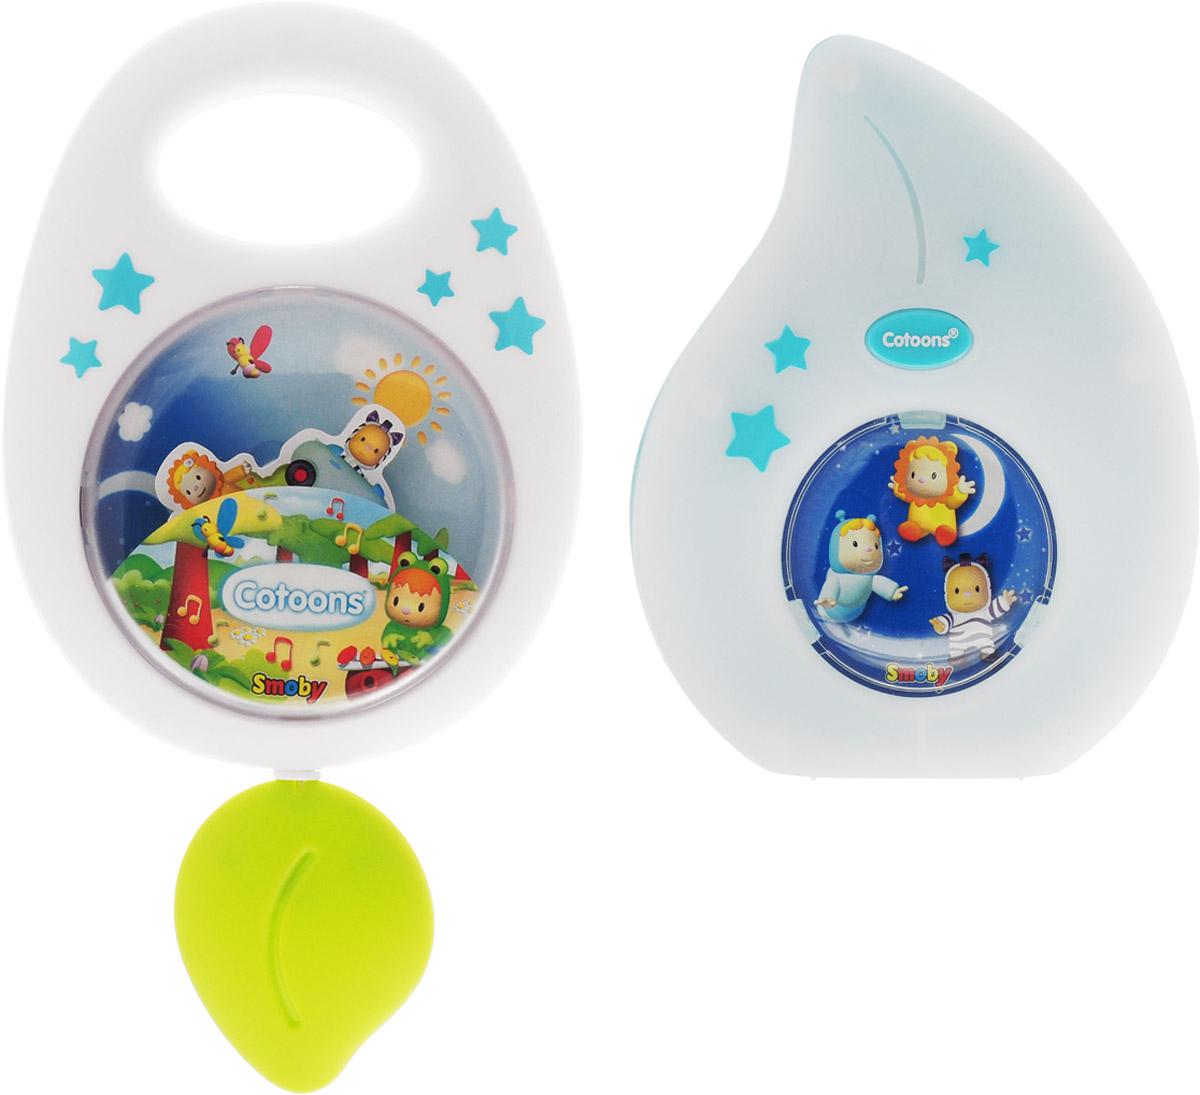 Smoby Музыкальная игрушка-подвеска Cotoons с ночником цвет белый голубой smoby ночник кукла свет звук smoby